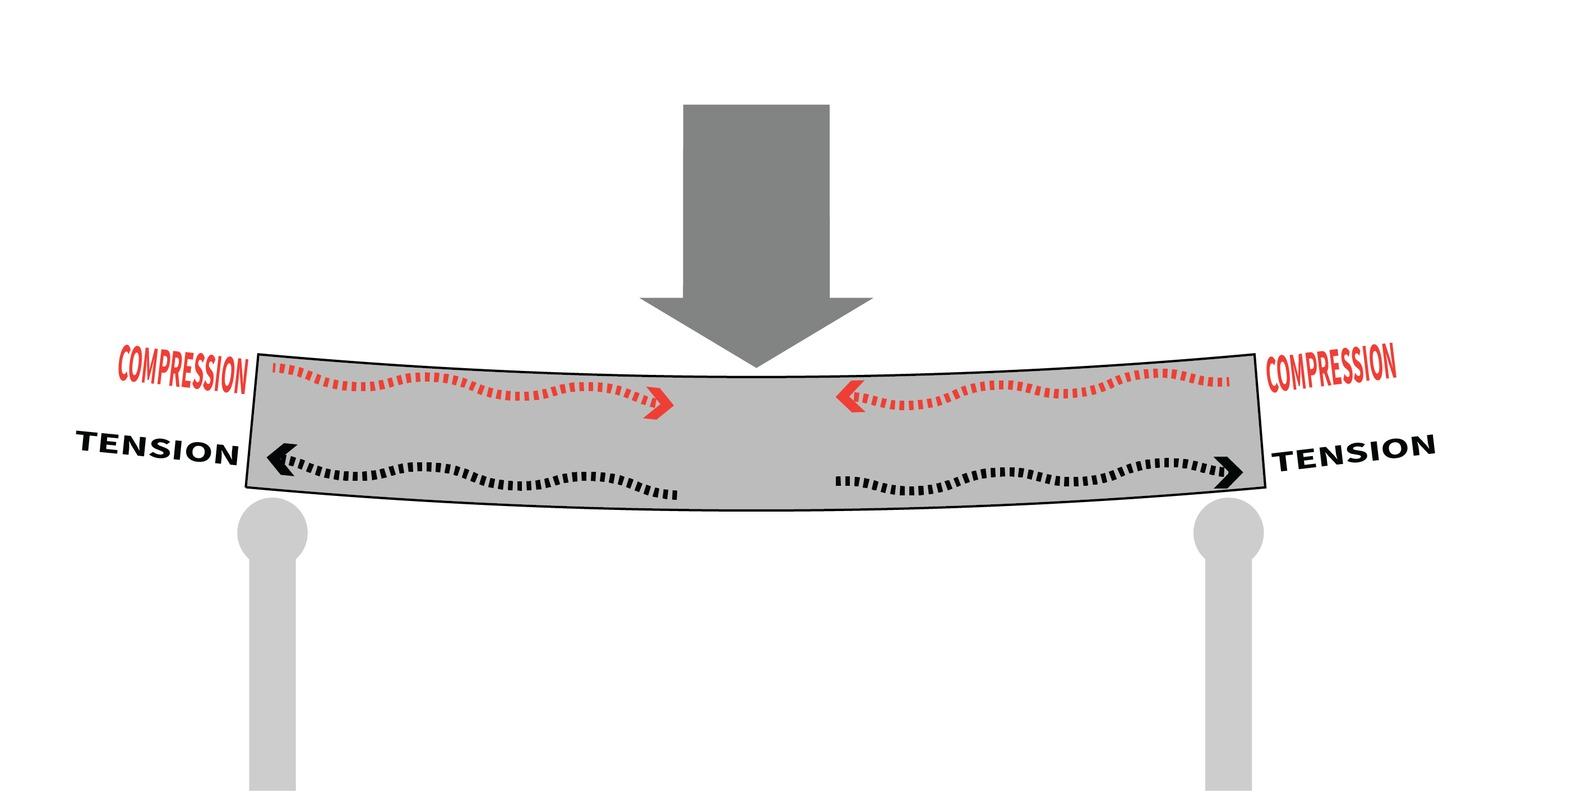 ¿Losas con burbujas de aire? Cómo funciona el sistema de losas aligeradas de concreto,Esfuerzos de compresión y tracción en la losa de hormigón. Imagen © Eduardo Souza (ArchDaily)